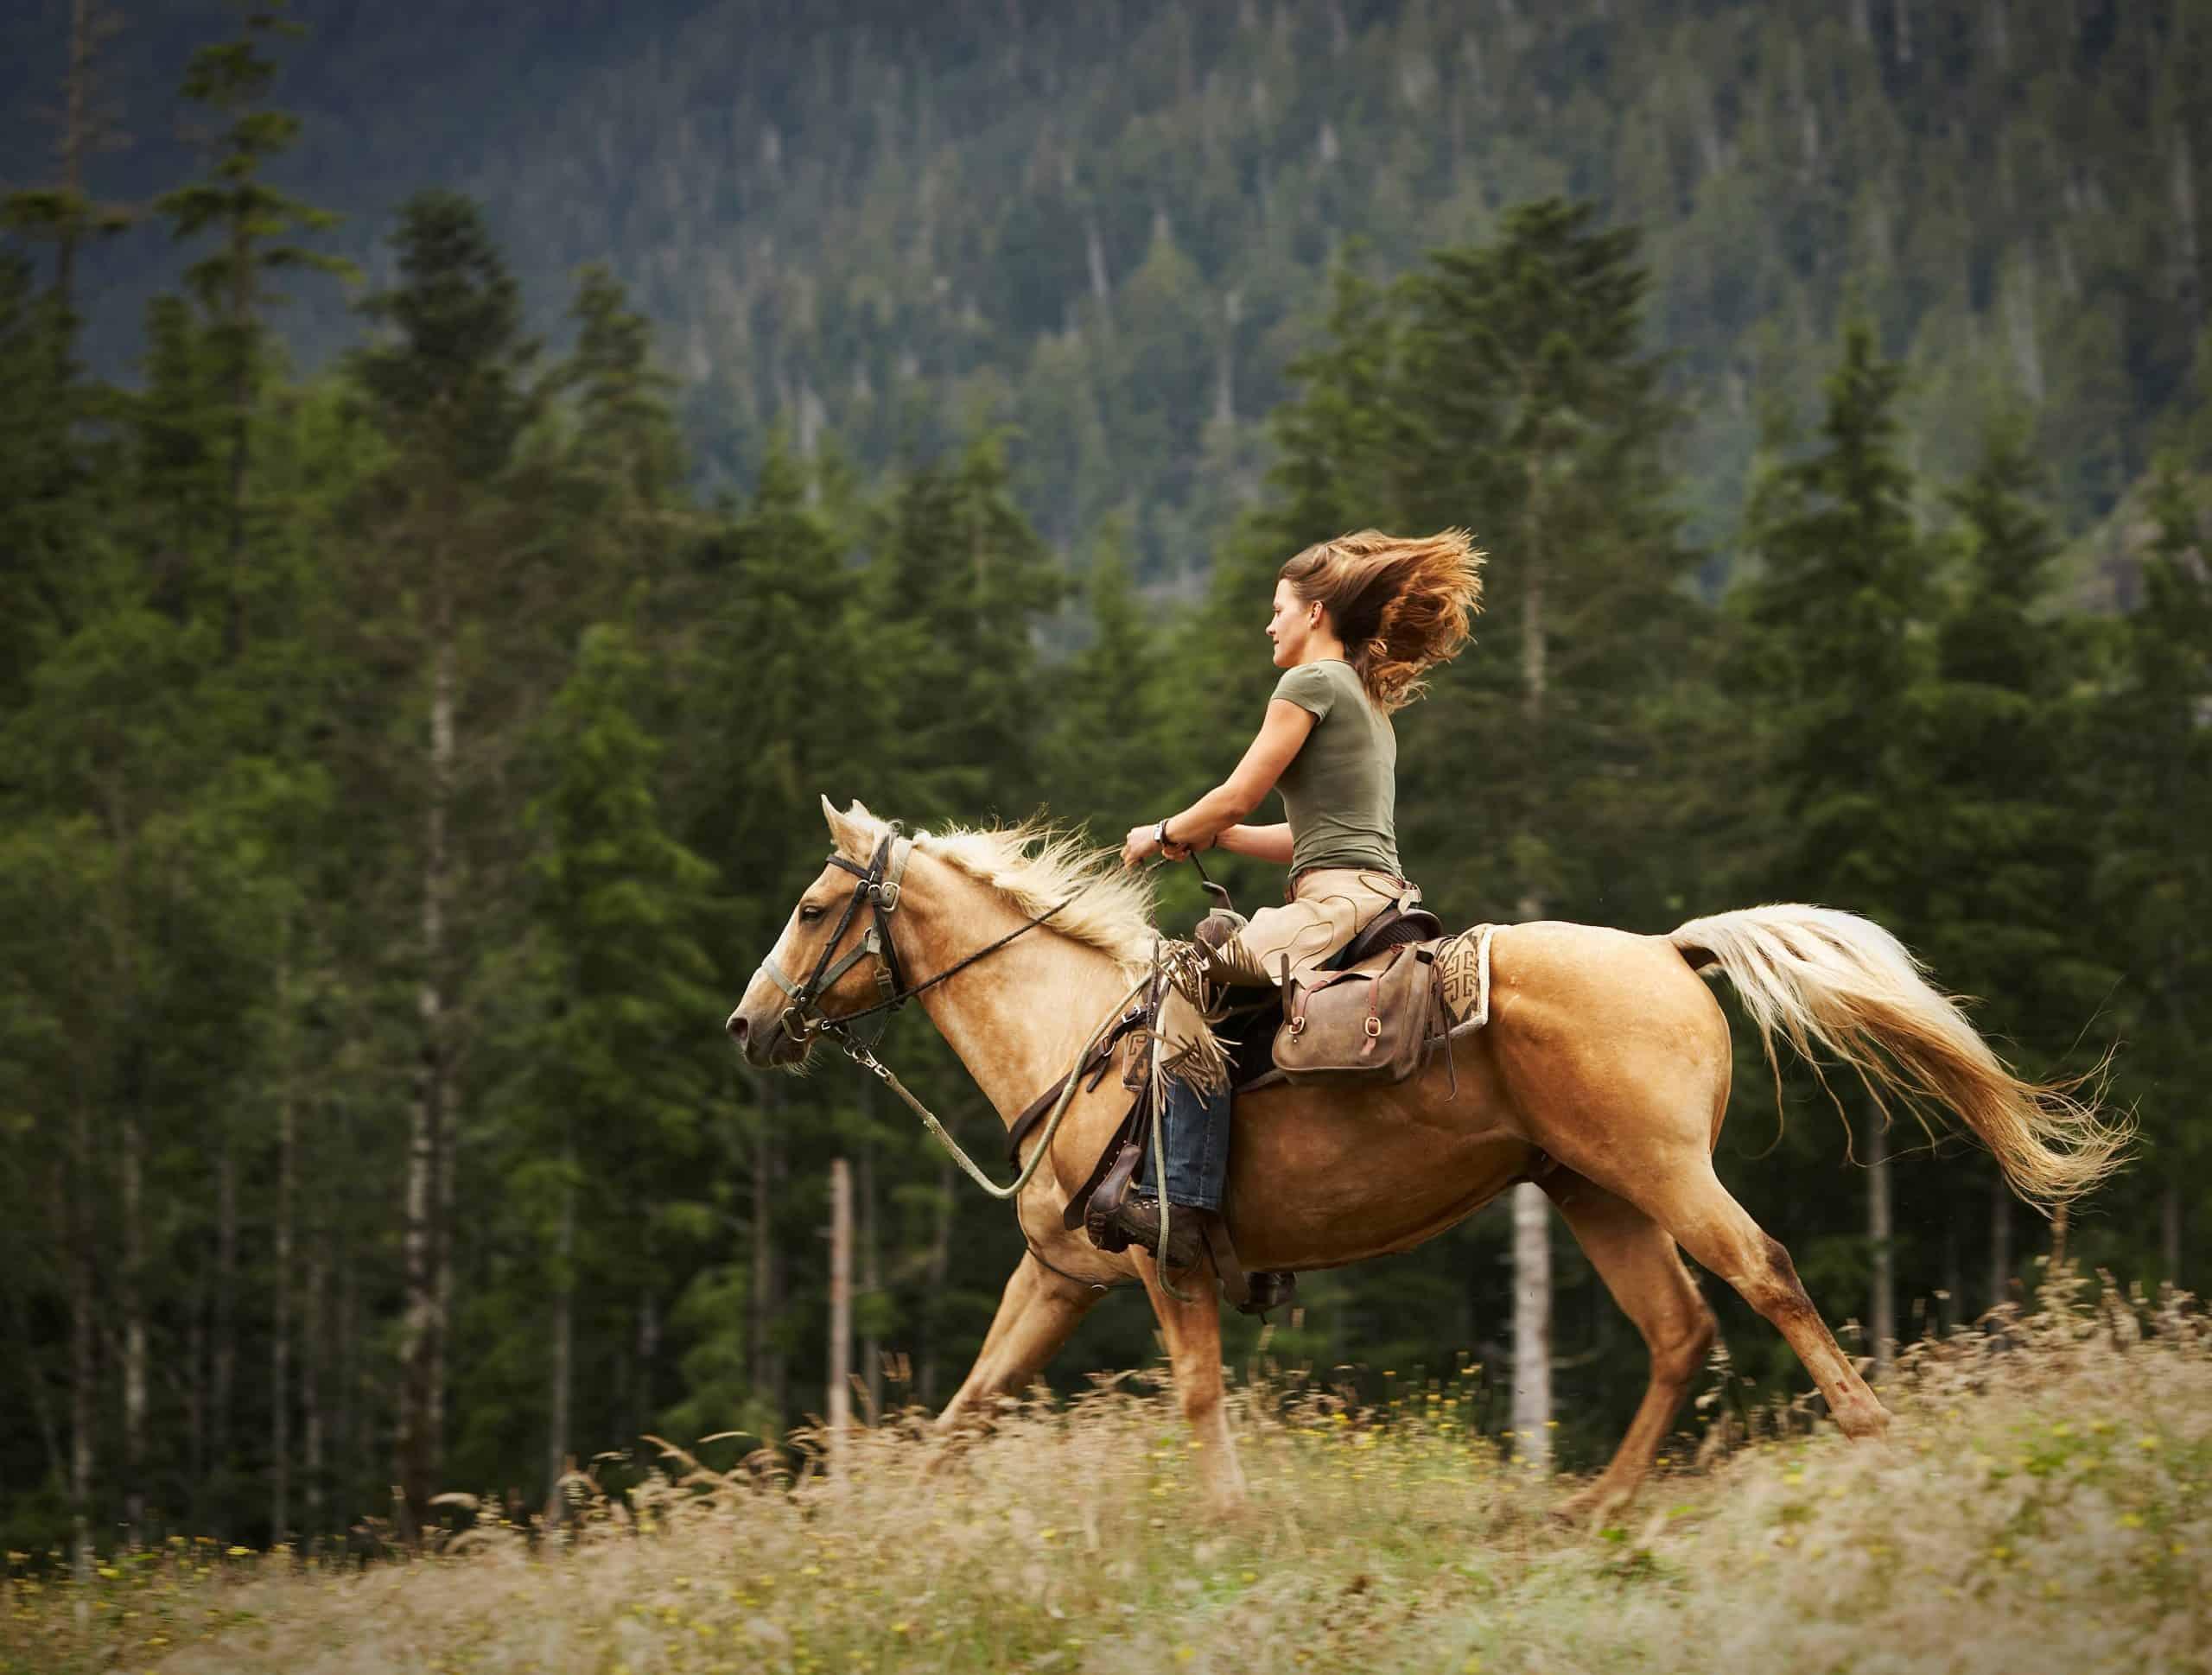 Galloping, motion blur